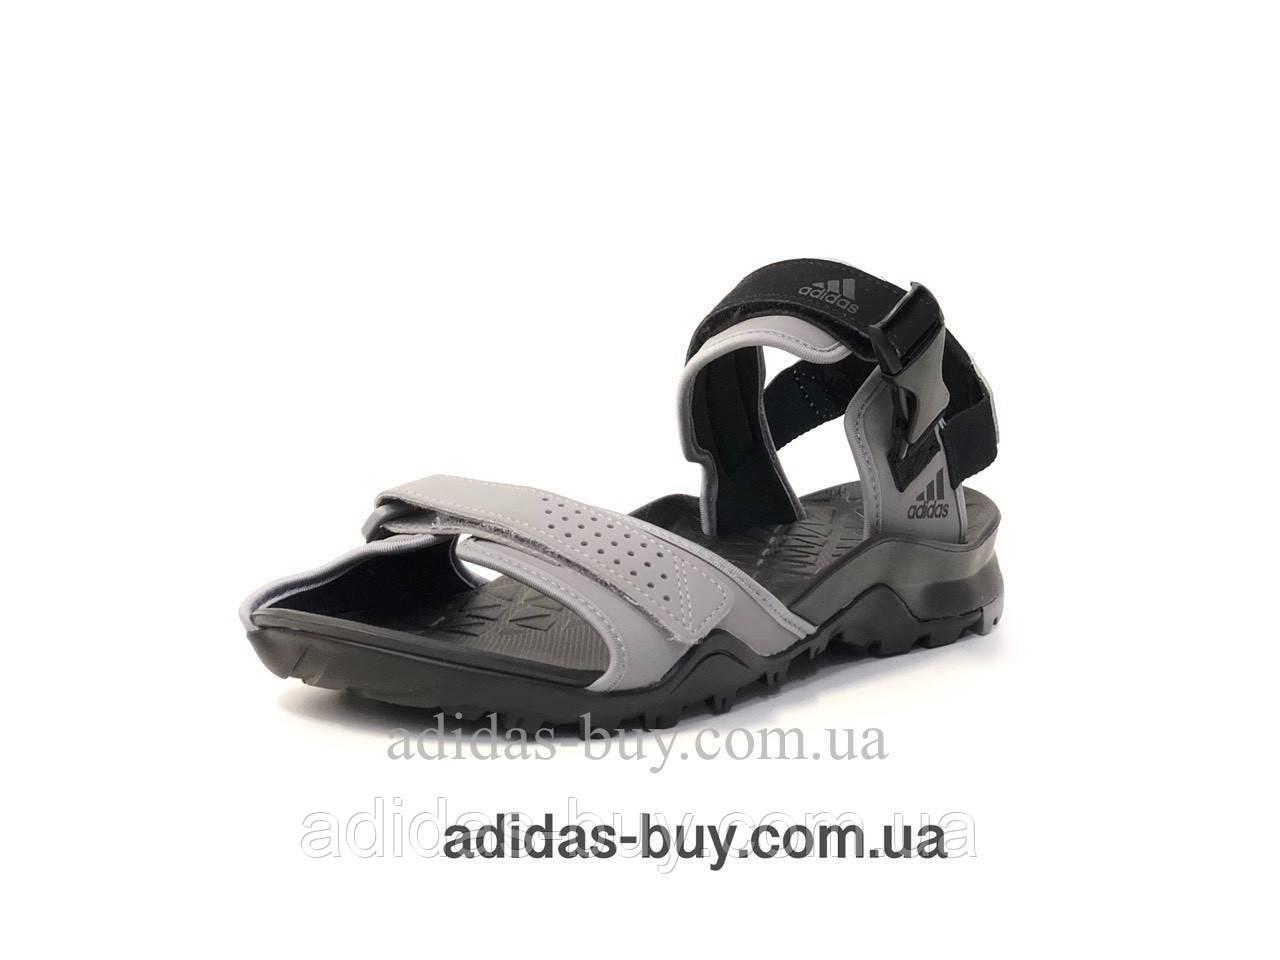 Сандалии мужские adidas TERREX Cyprex Ultra II F36369 цвет: серый/чёрный